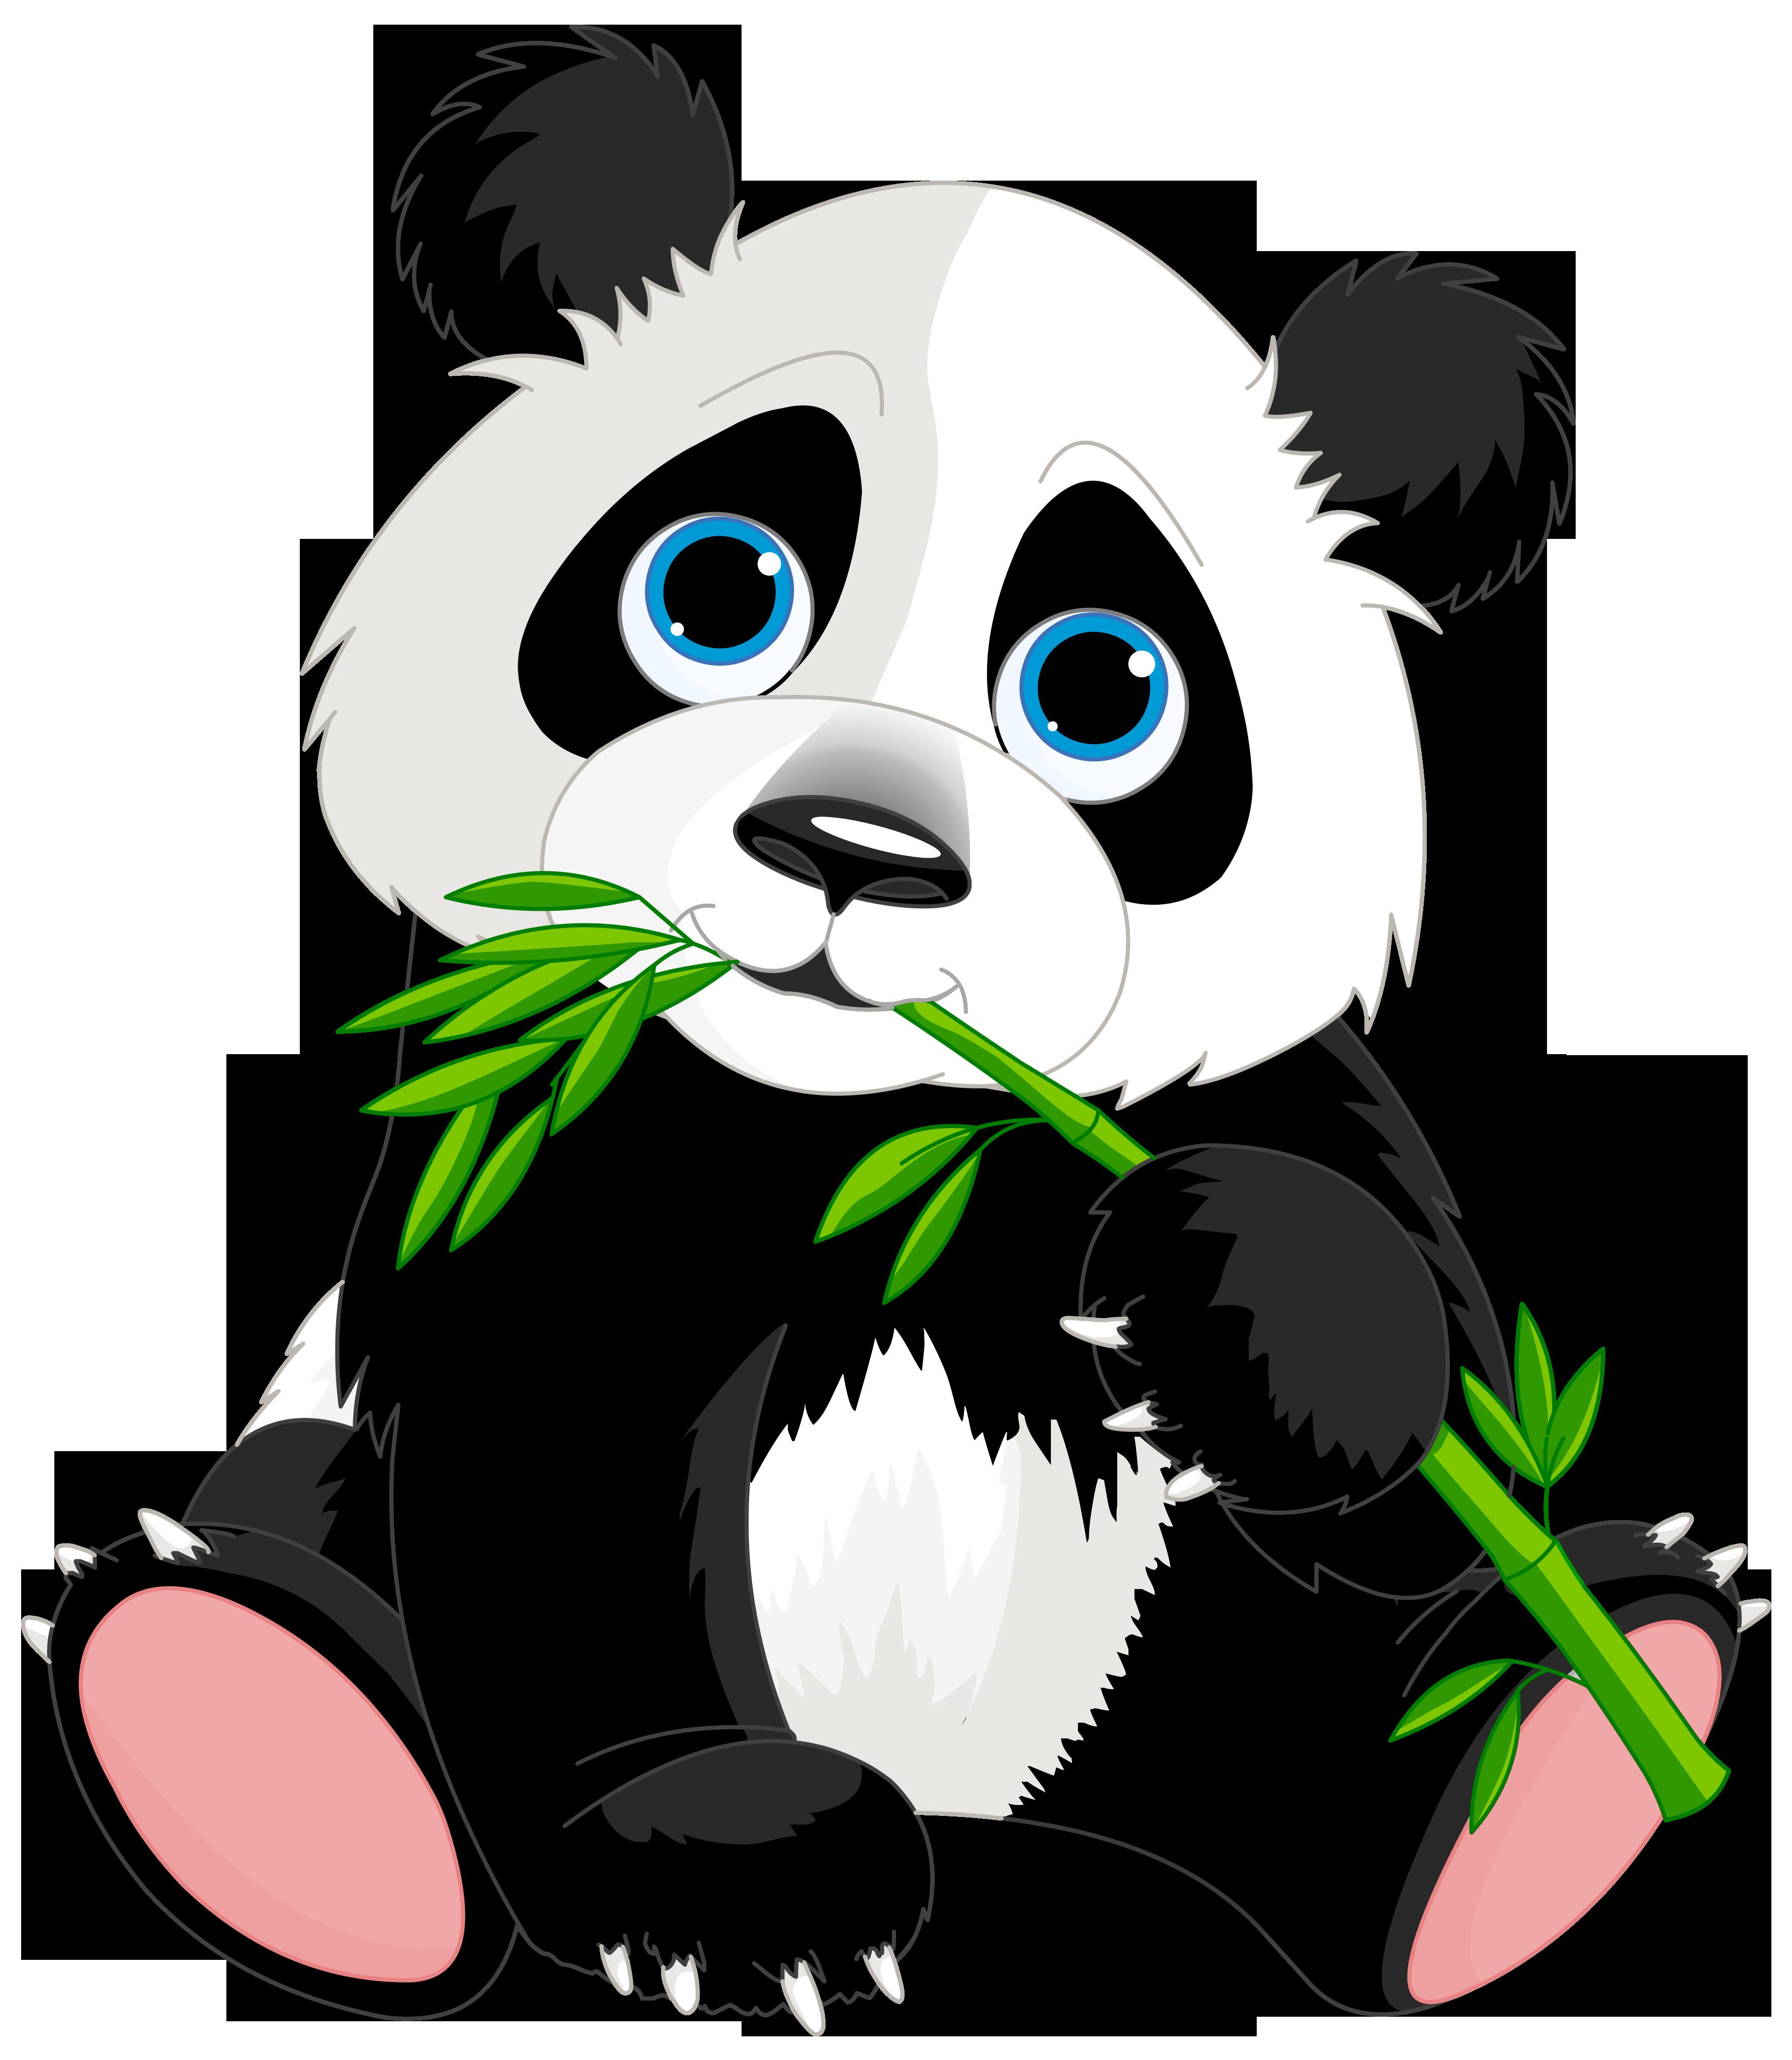 Panda clipart #2, Download drawings